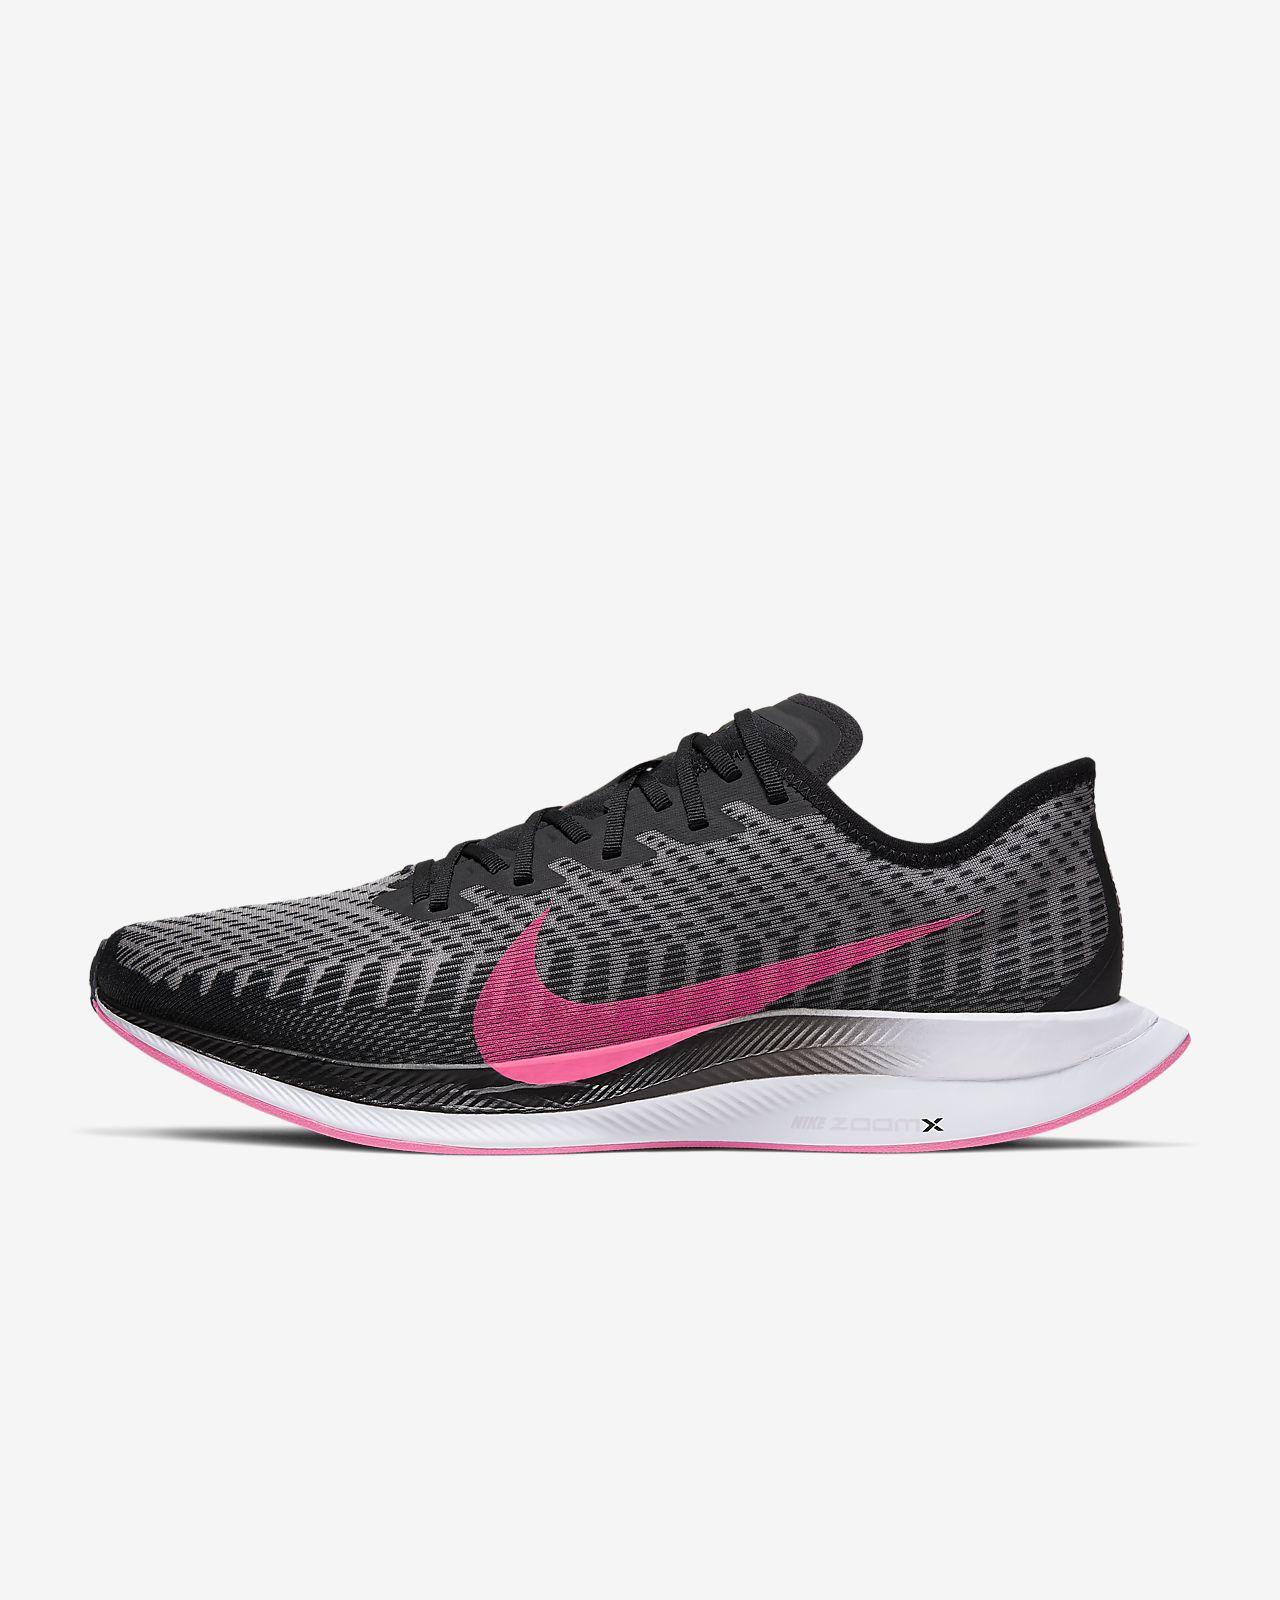 Hombre De Pegasus Zoom Running Turbo Gris Nike Zapatillas